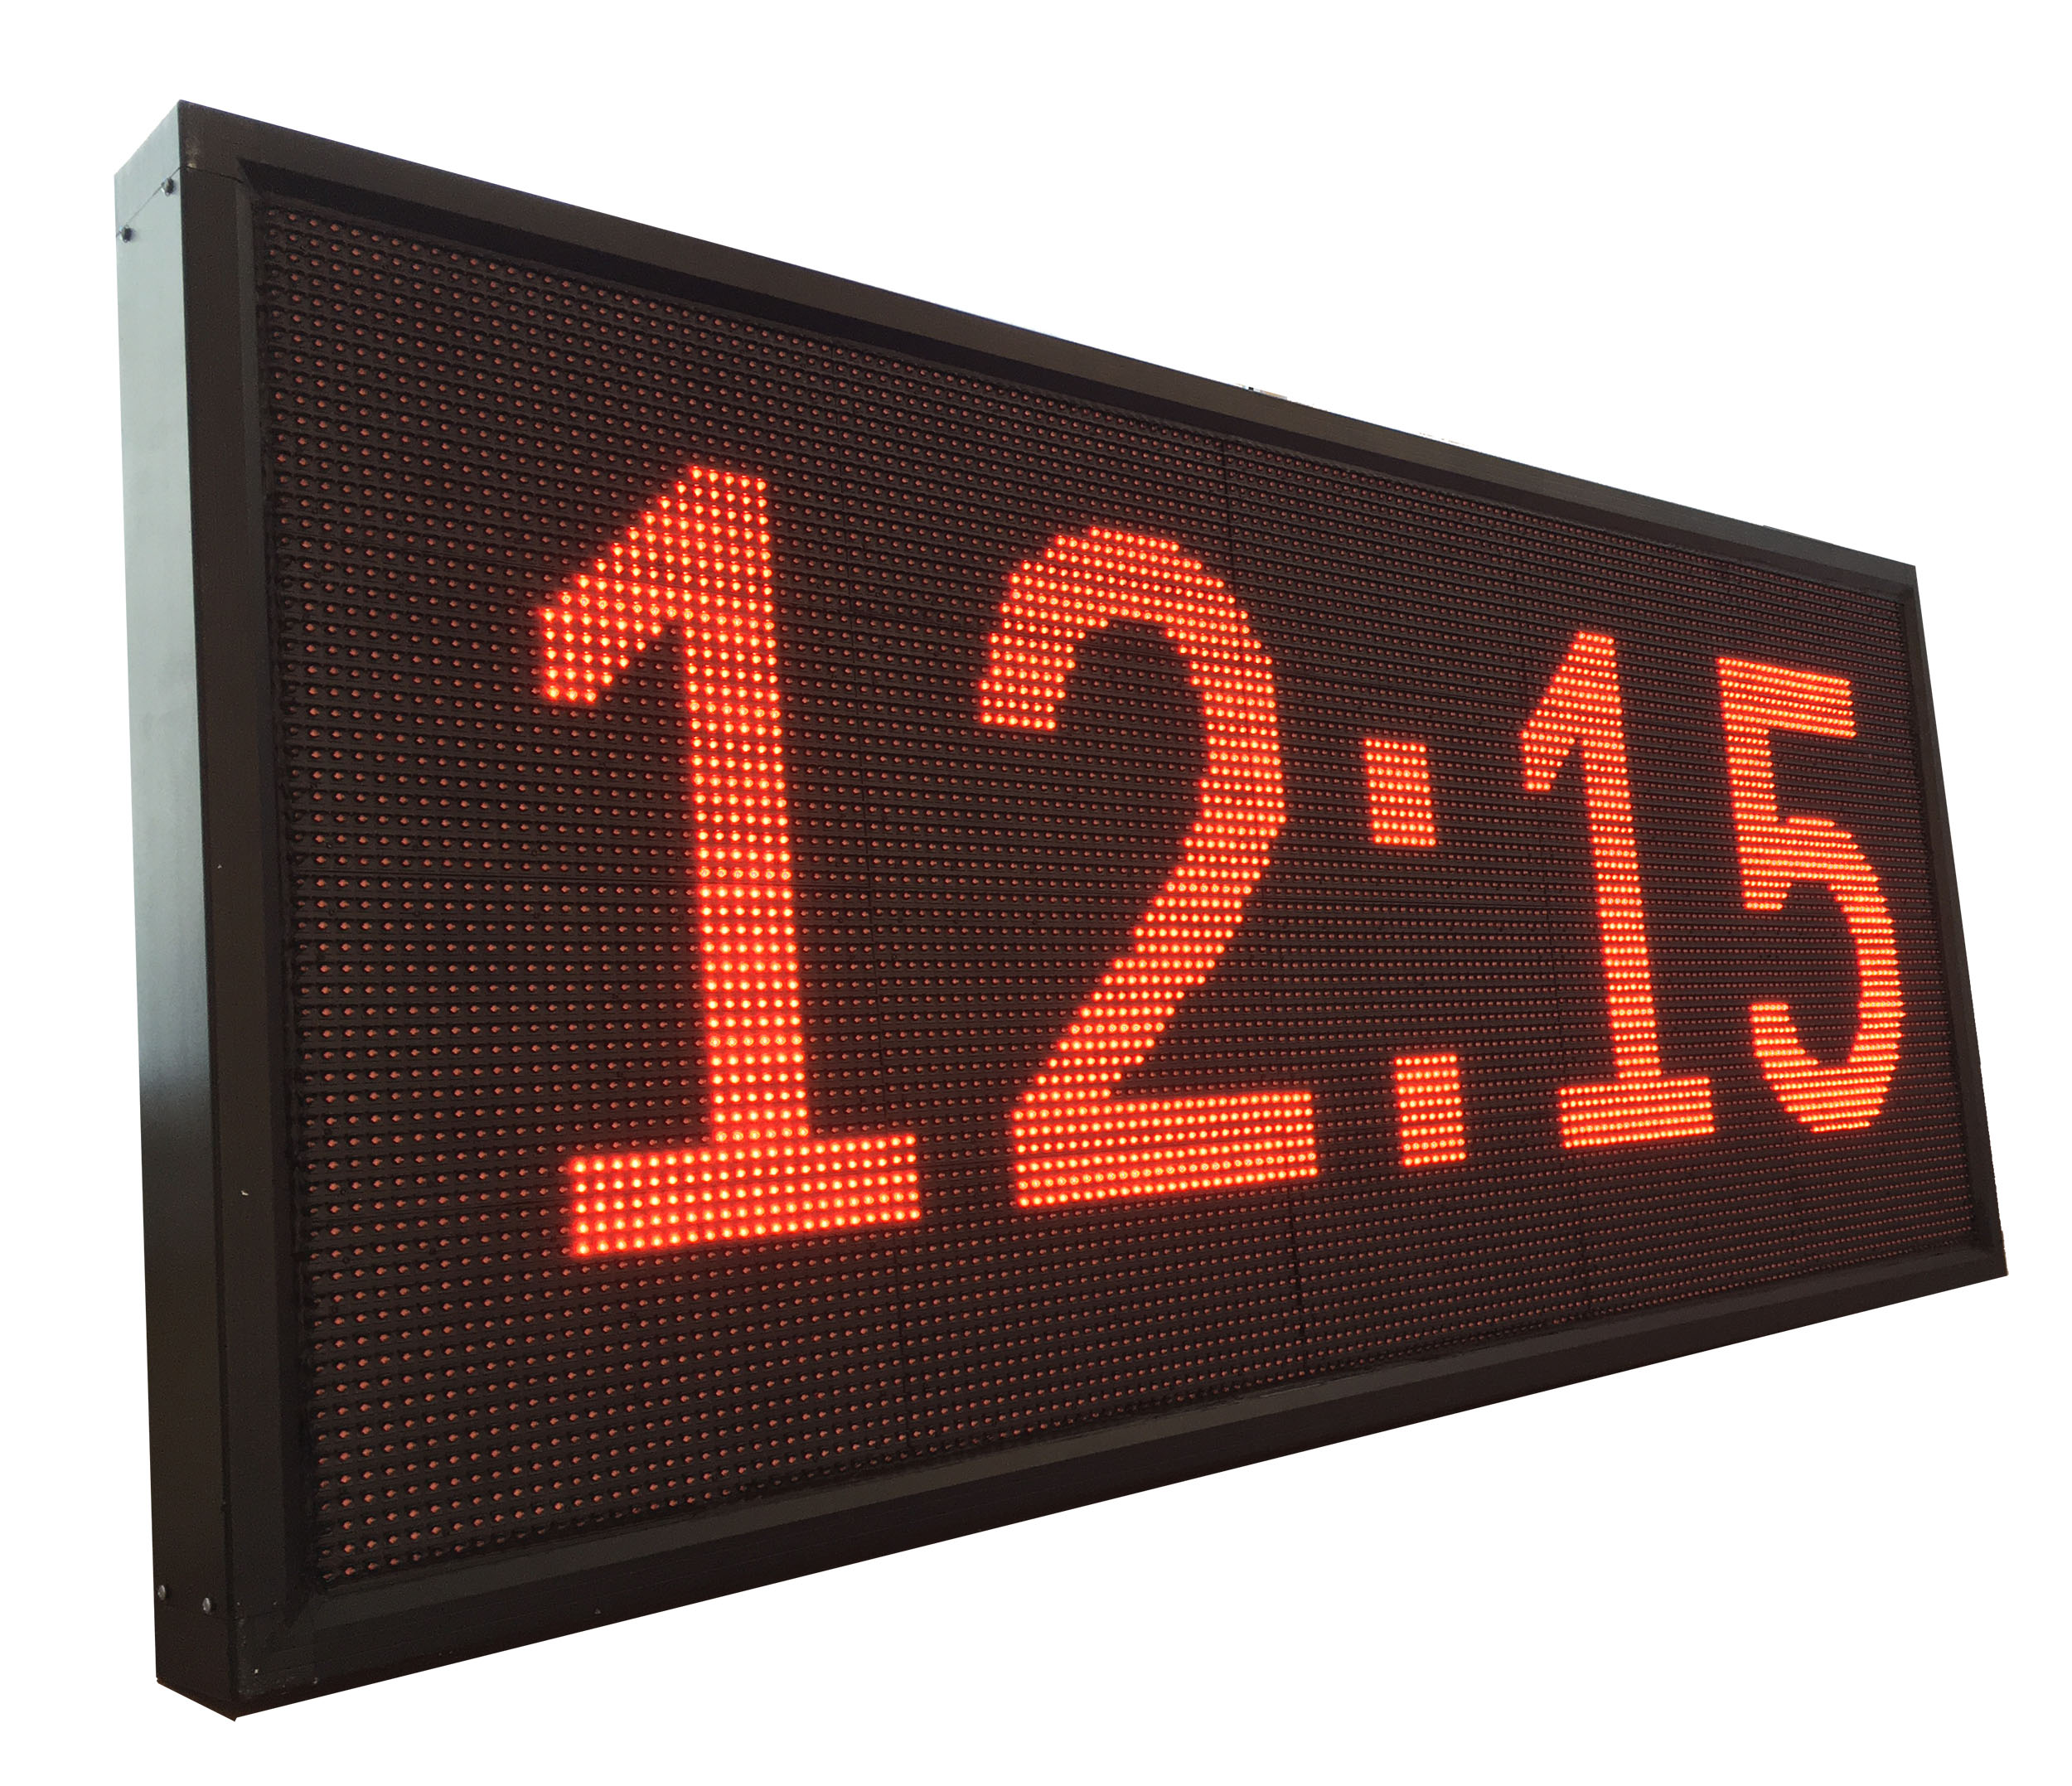 Zegar elektroniczny, zegar z termometrem, zegar z kalendarzem